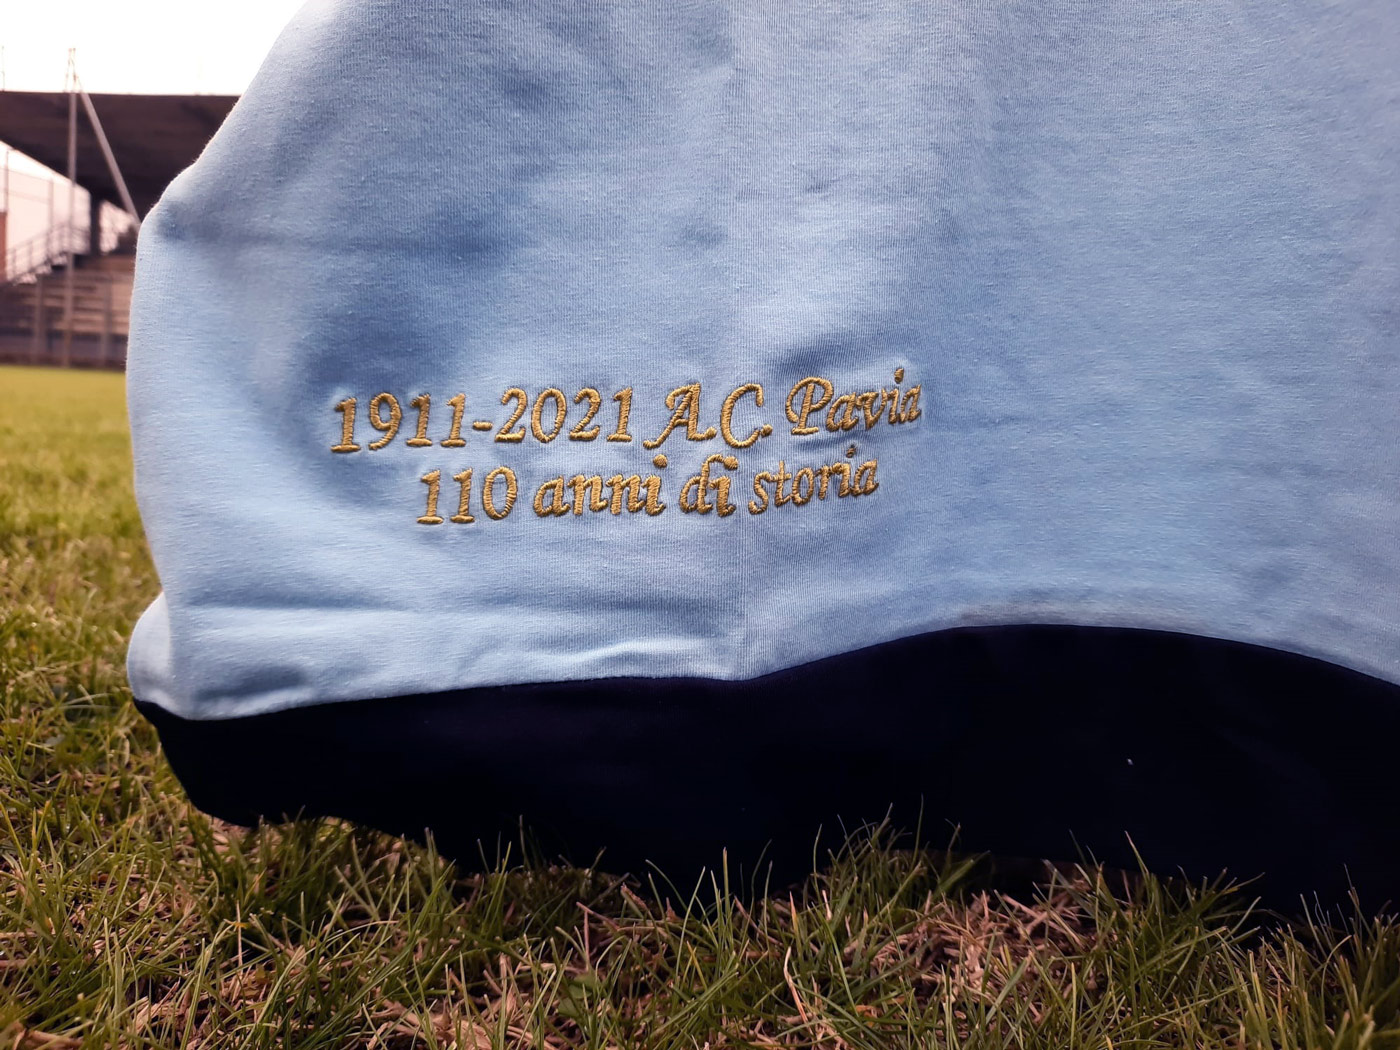 Camisa retrô dos 110 anos do Pavia 2021 Spensley